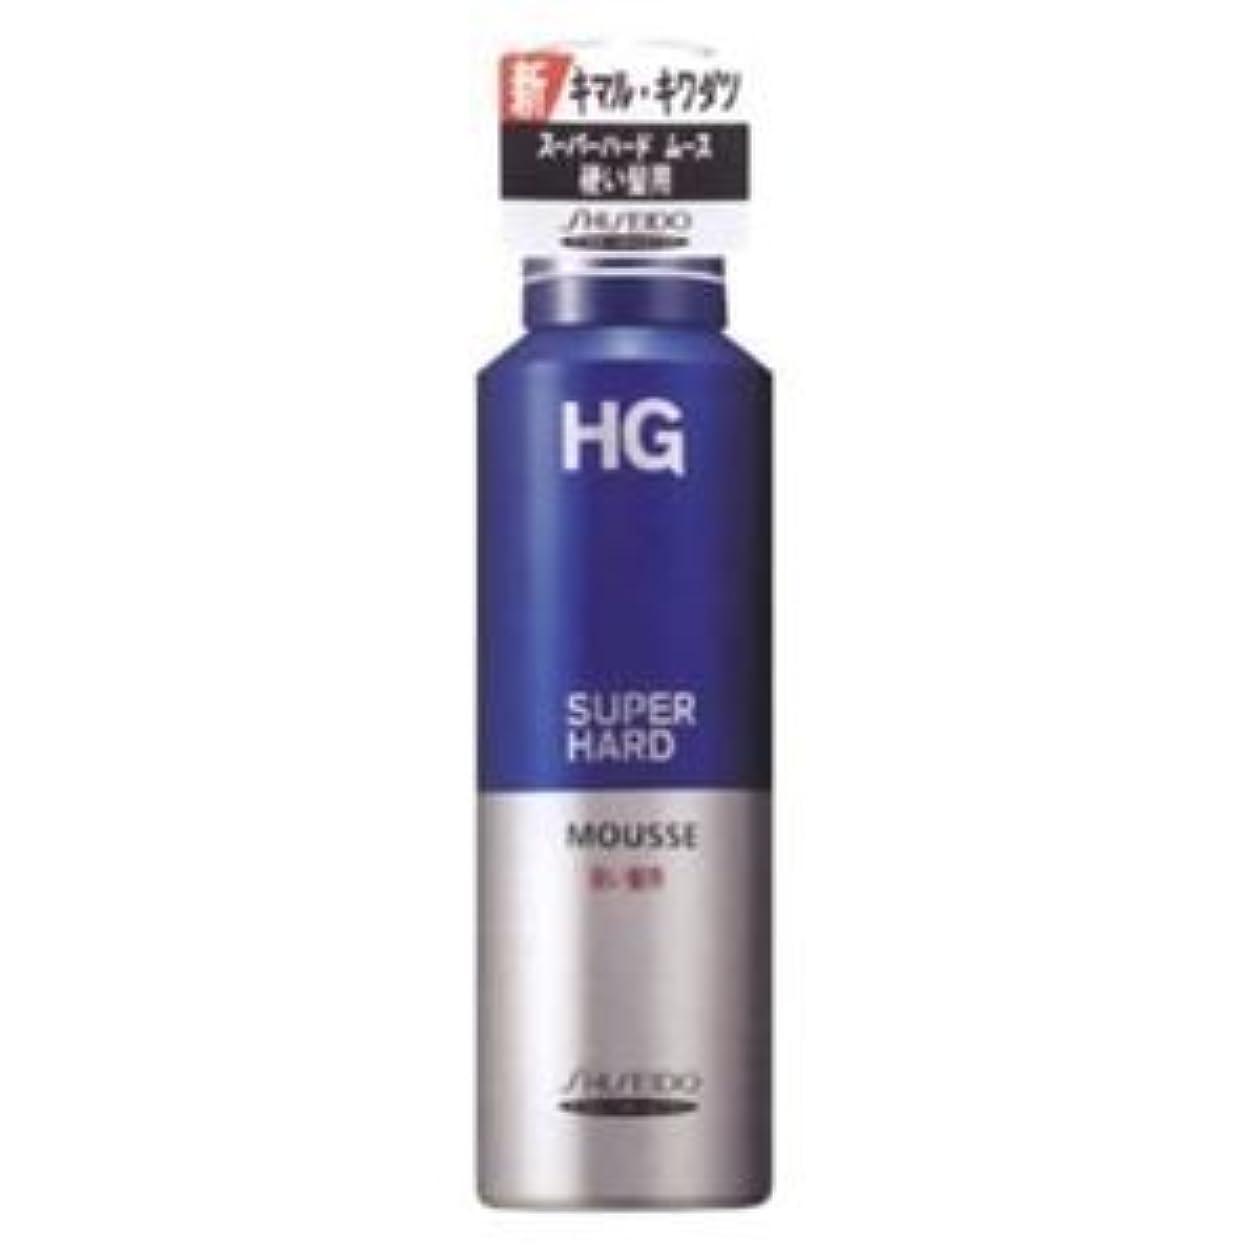 危険を冒しますスポンジバットHG スーパーハードムース 硬い髪用 5セット